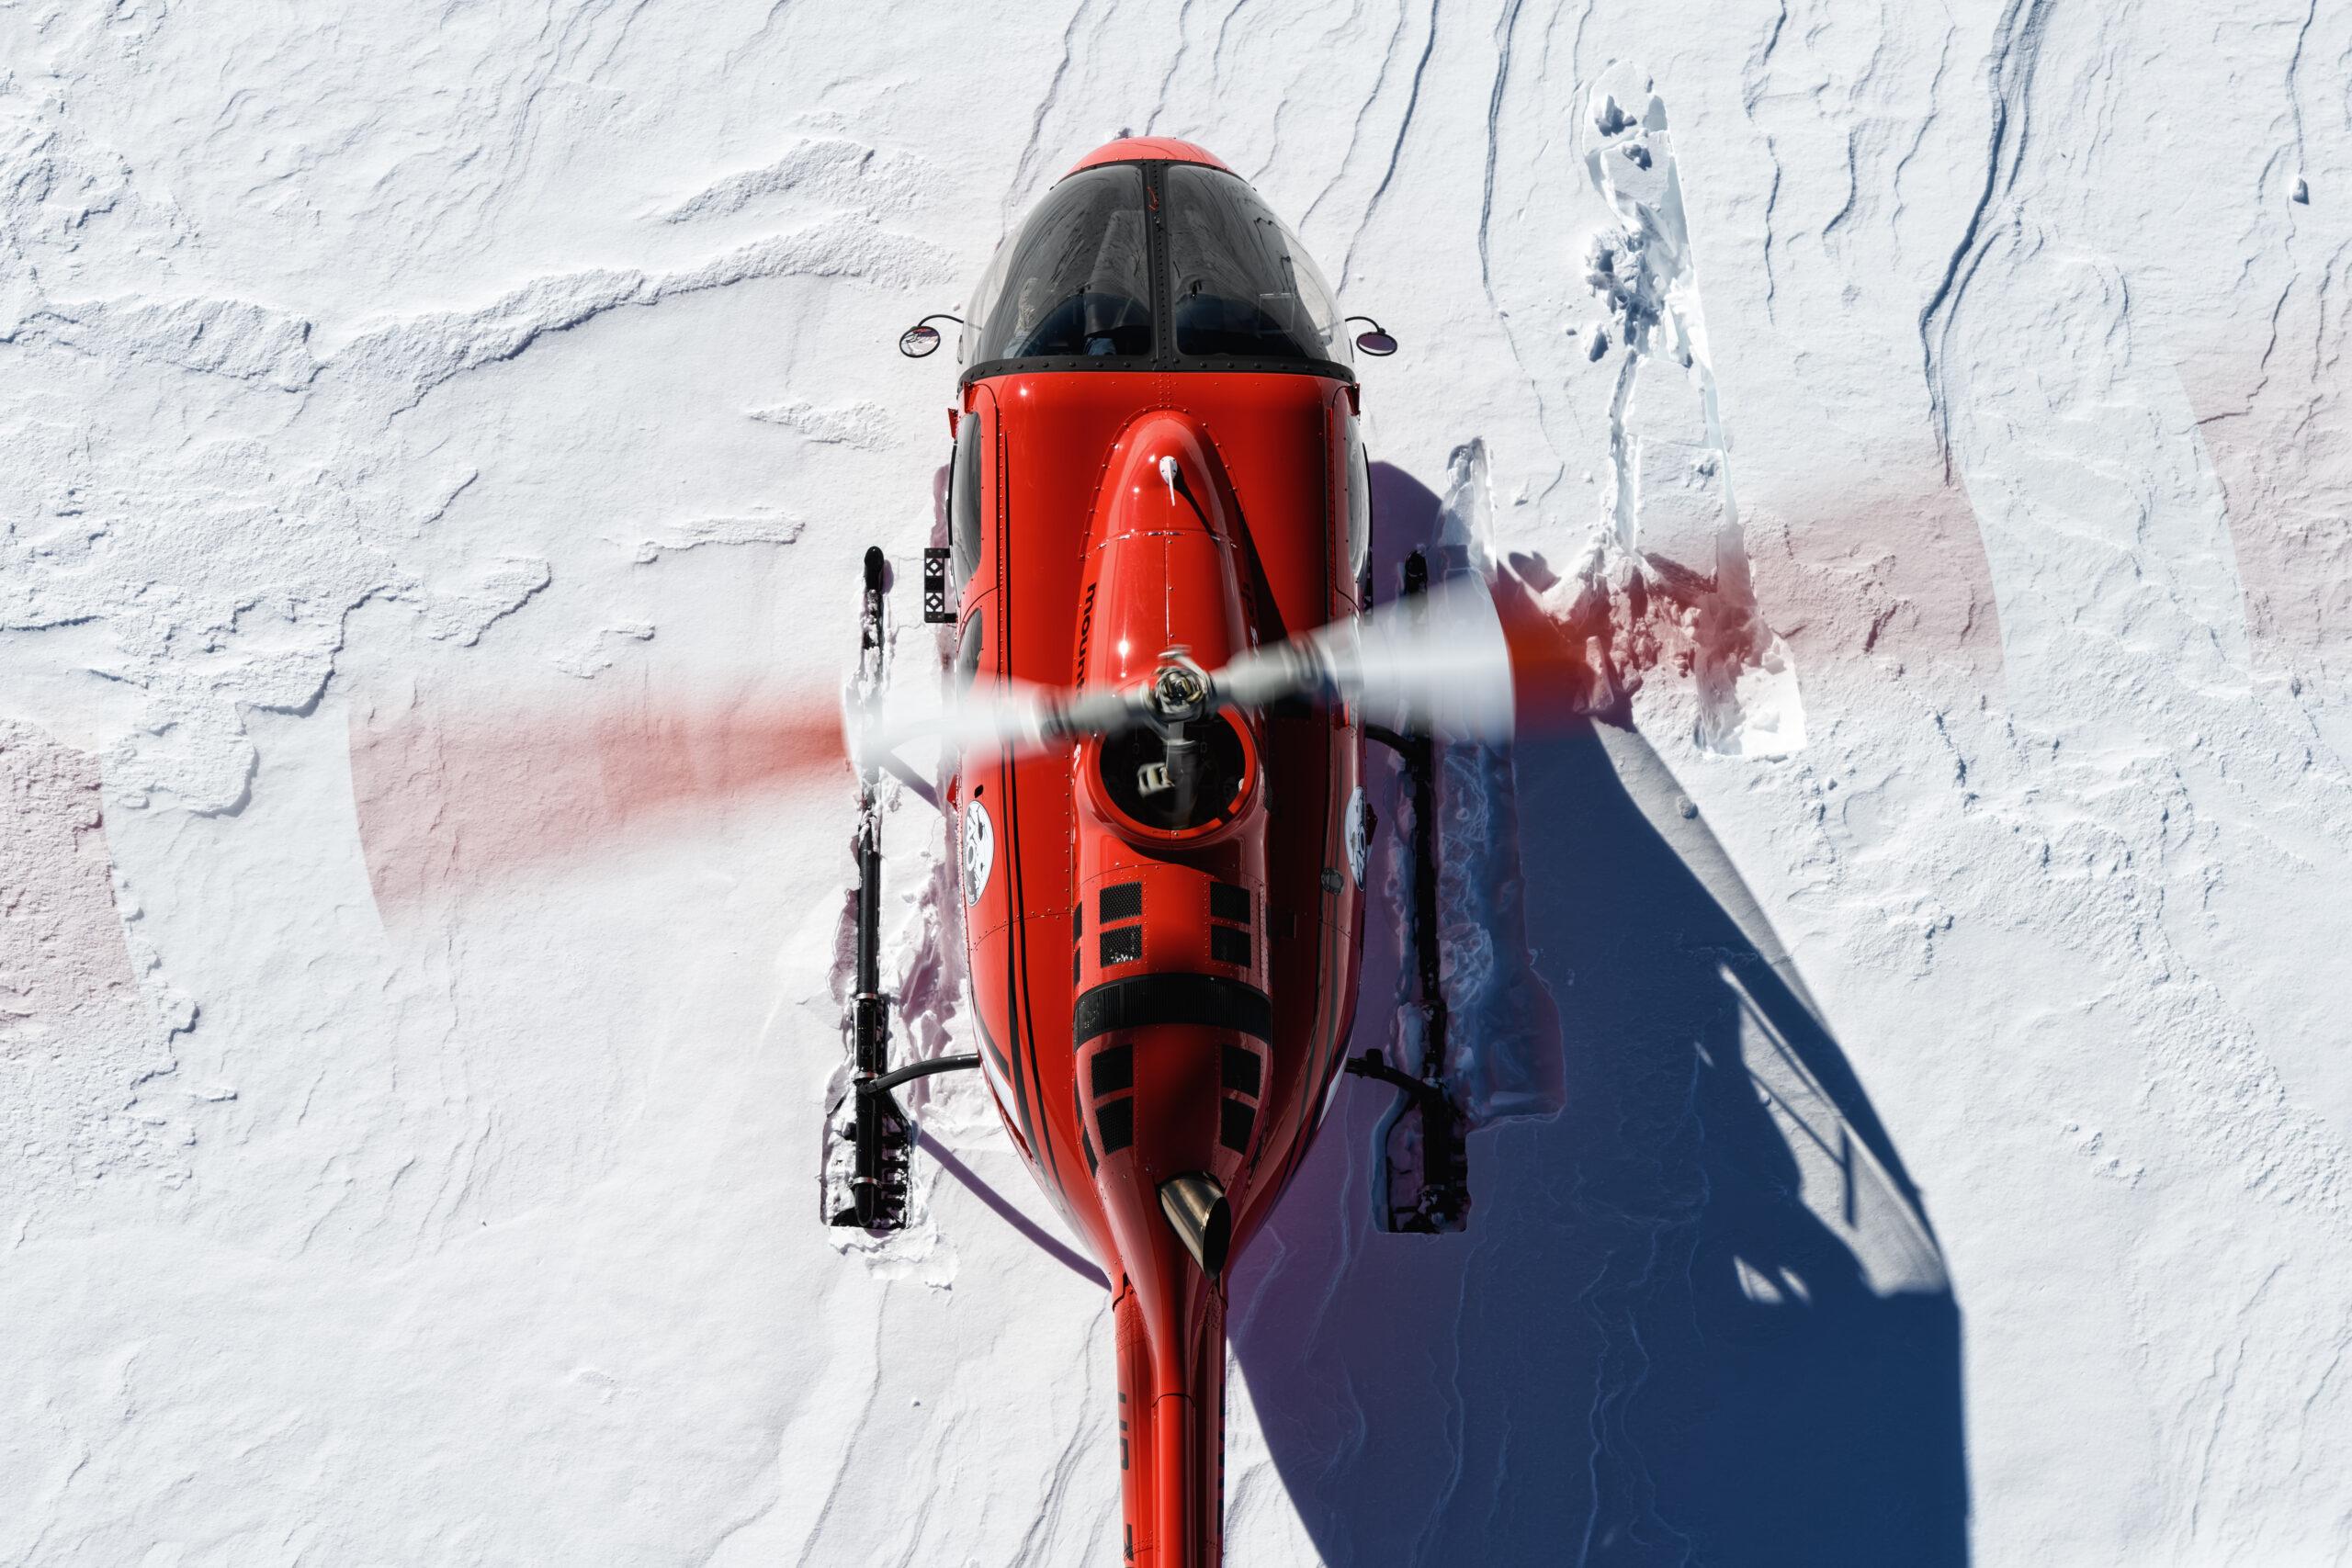 Mountainflyers Vertical Shoot-2